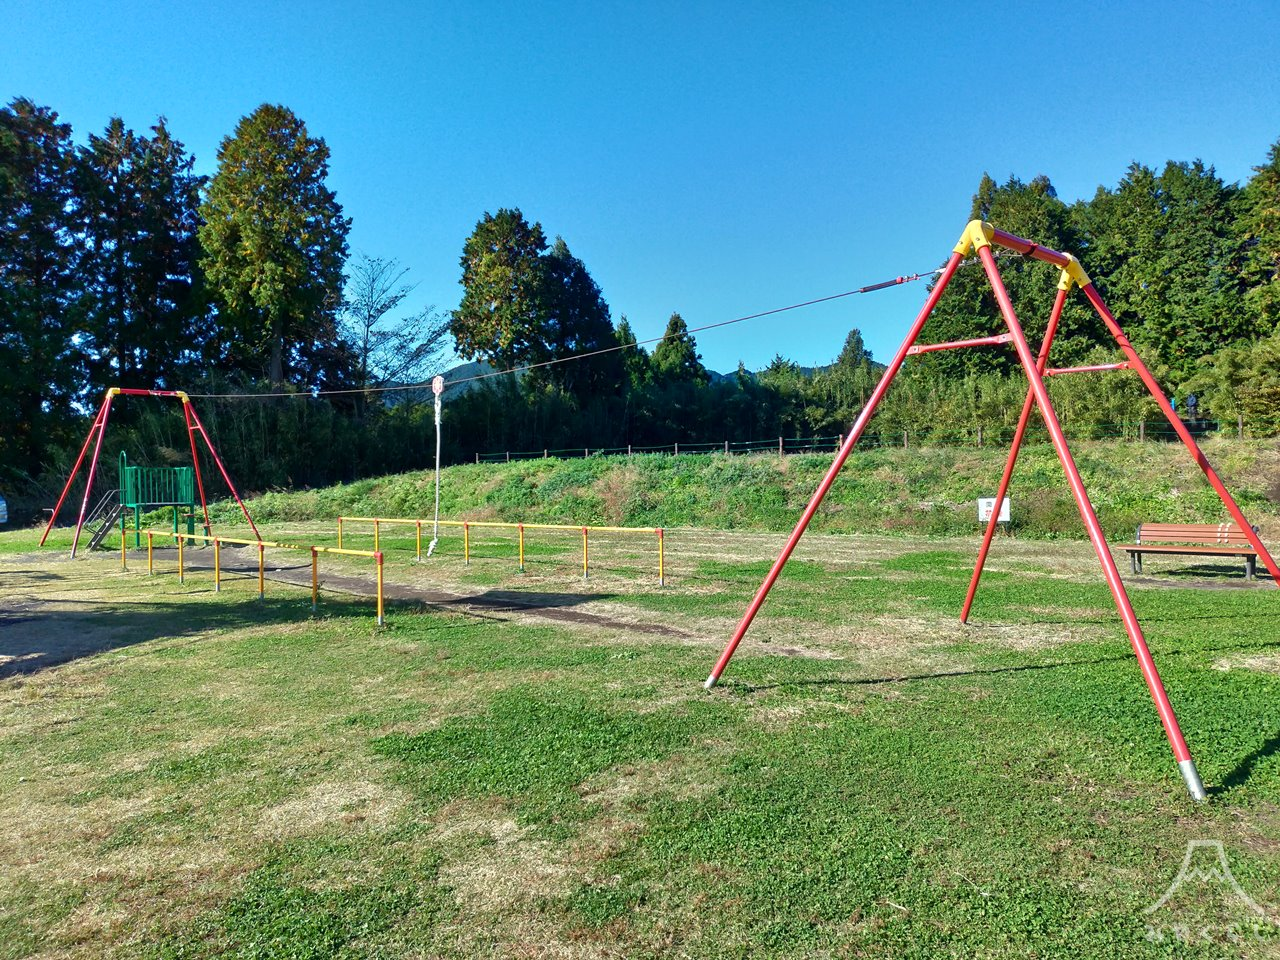 白糸自然公園の遊具「ターザンロープ」